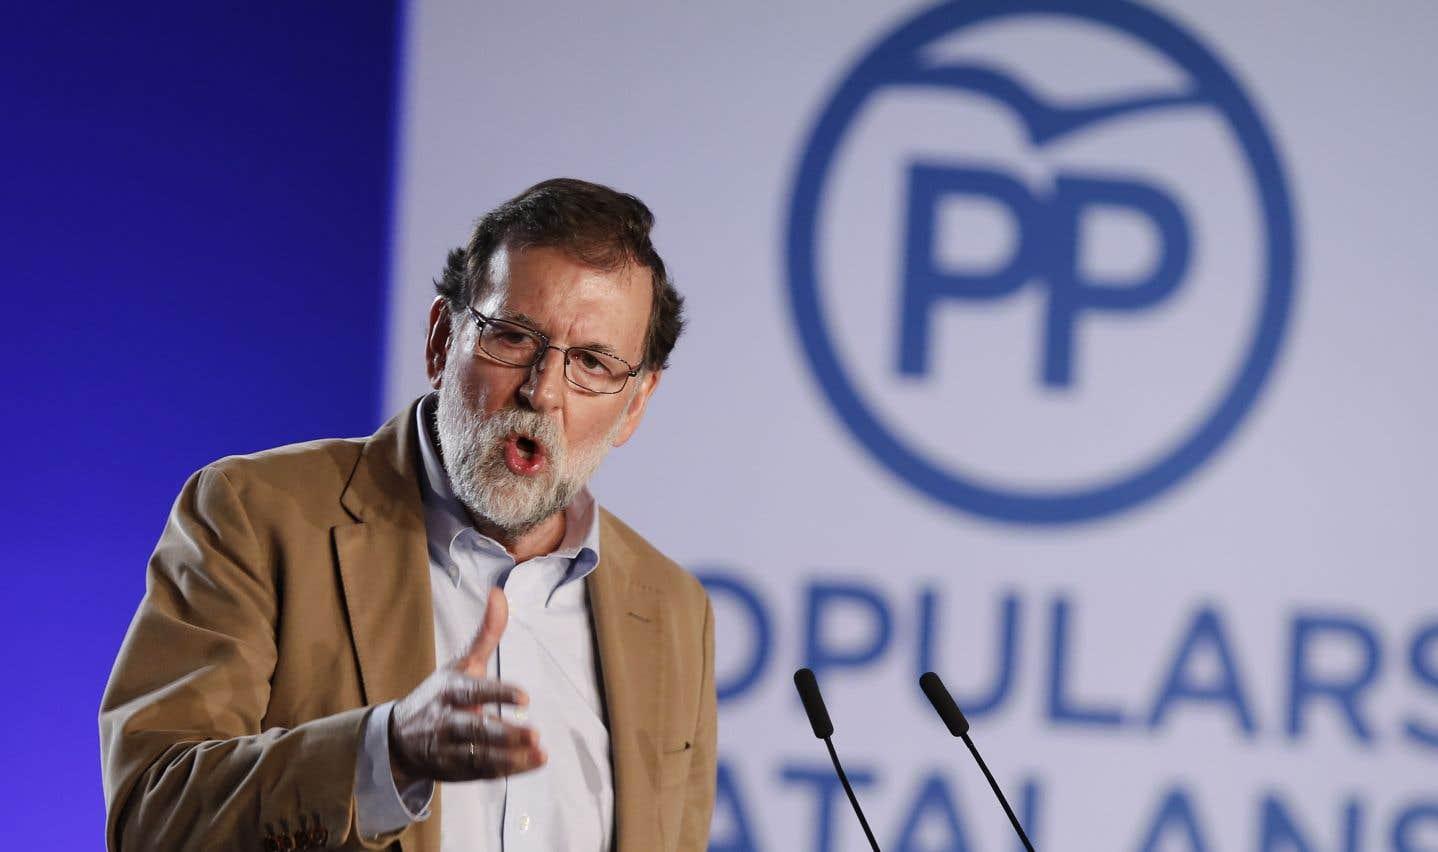 Mariano Rajoy interpelle la «majorité silencieuse» catalane